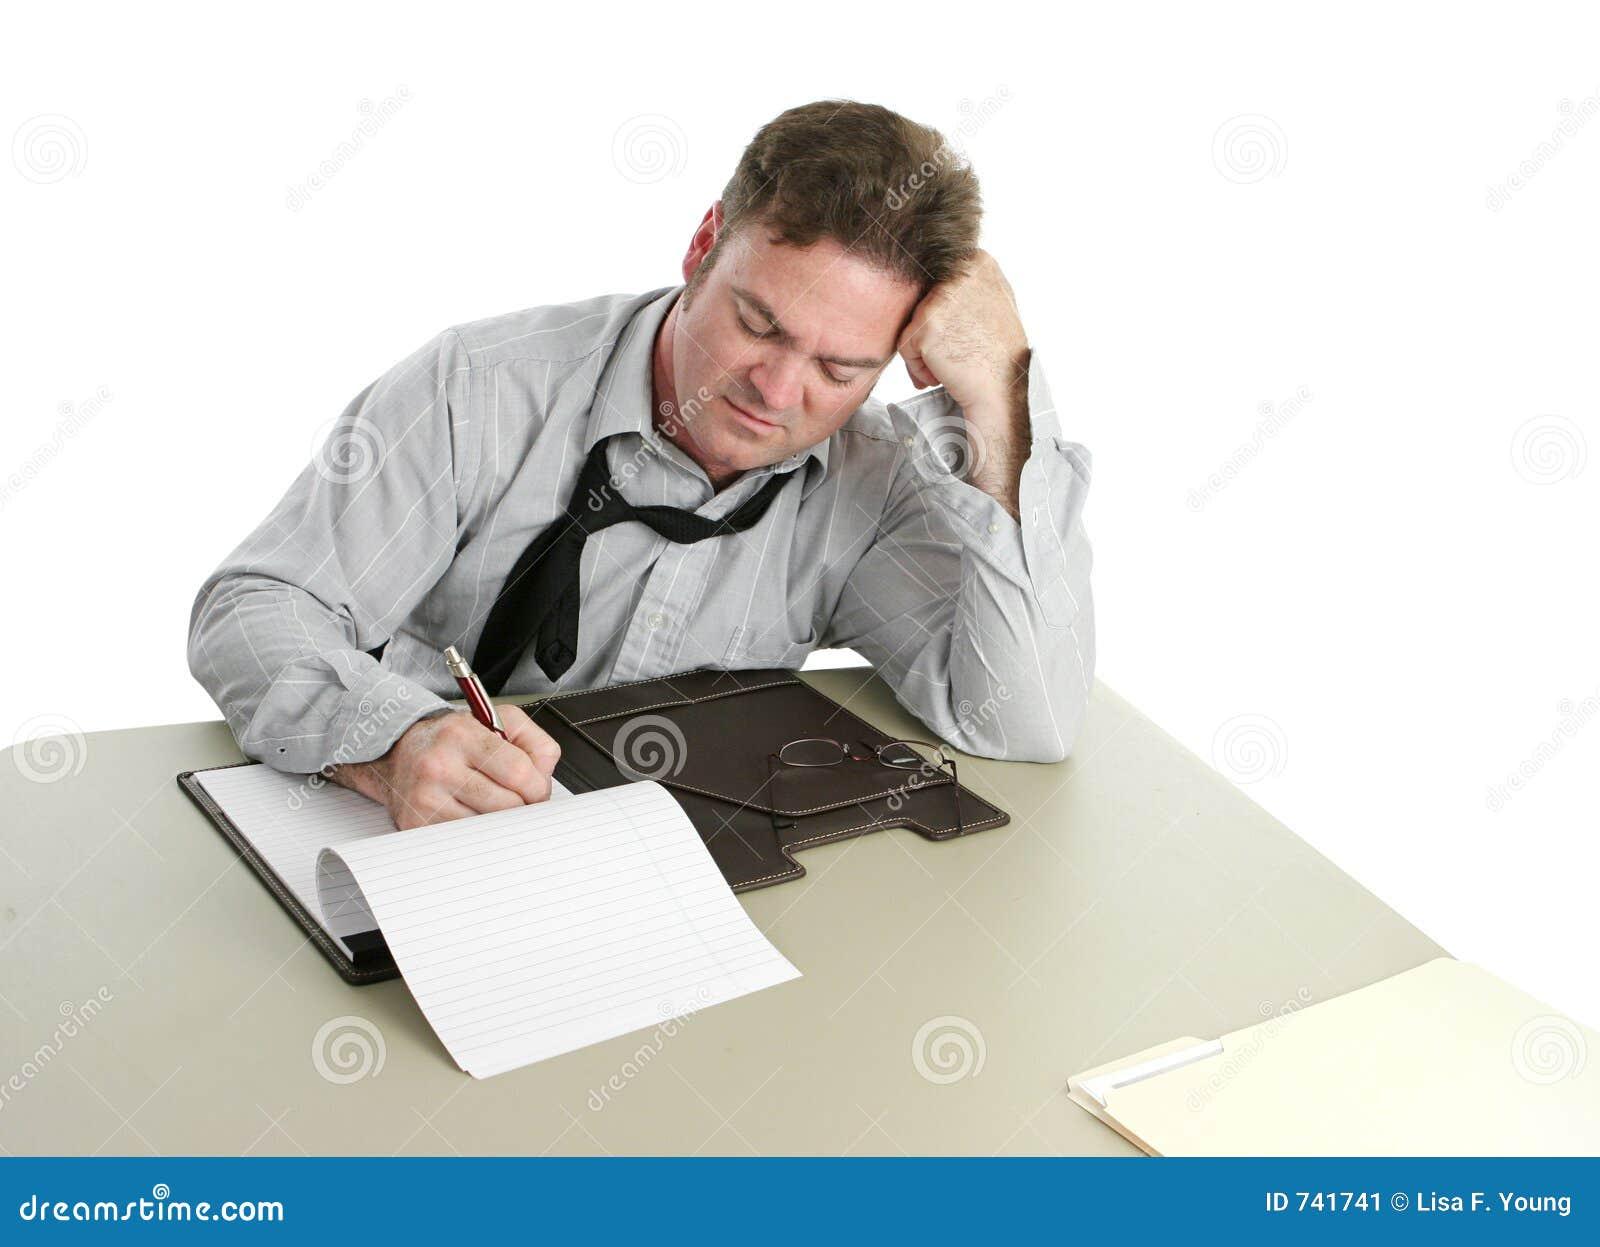 Employé de bureau - concentration